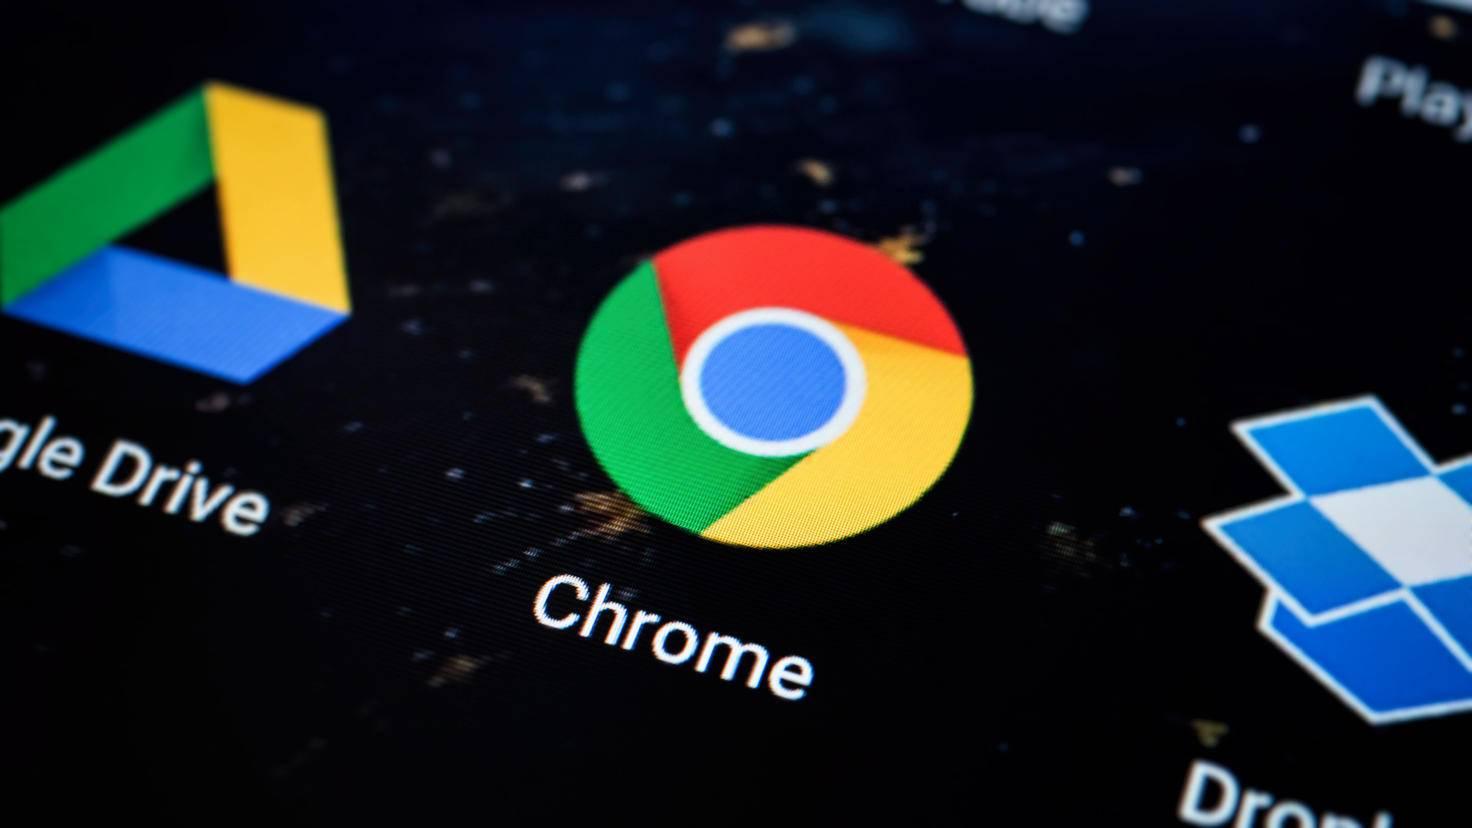 170125_Chrome-1